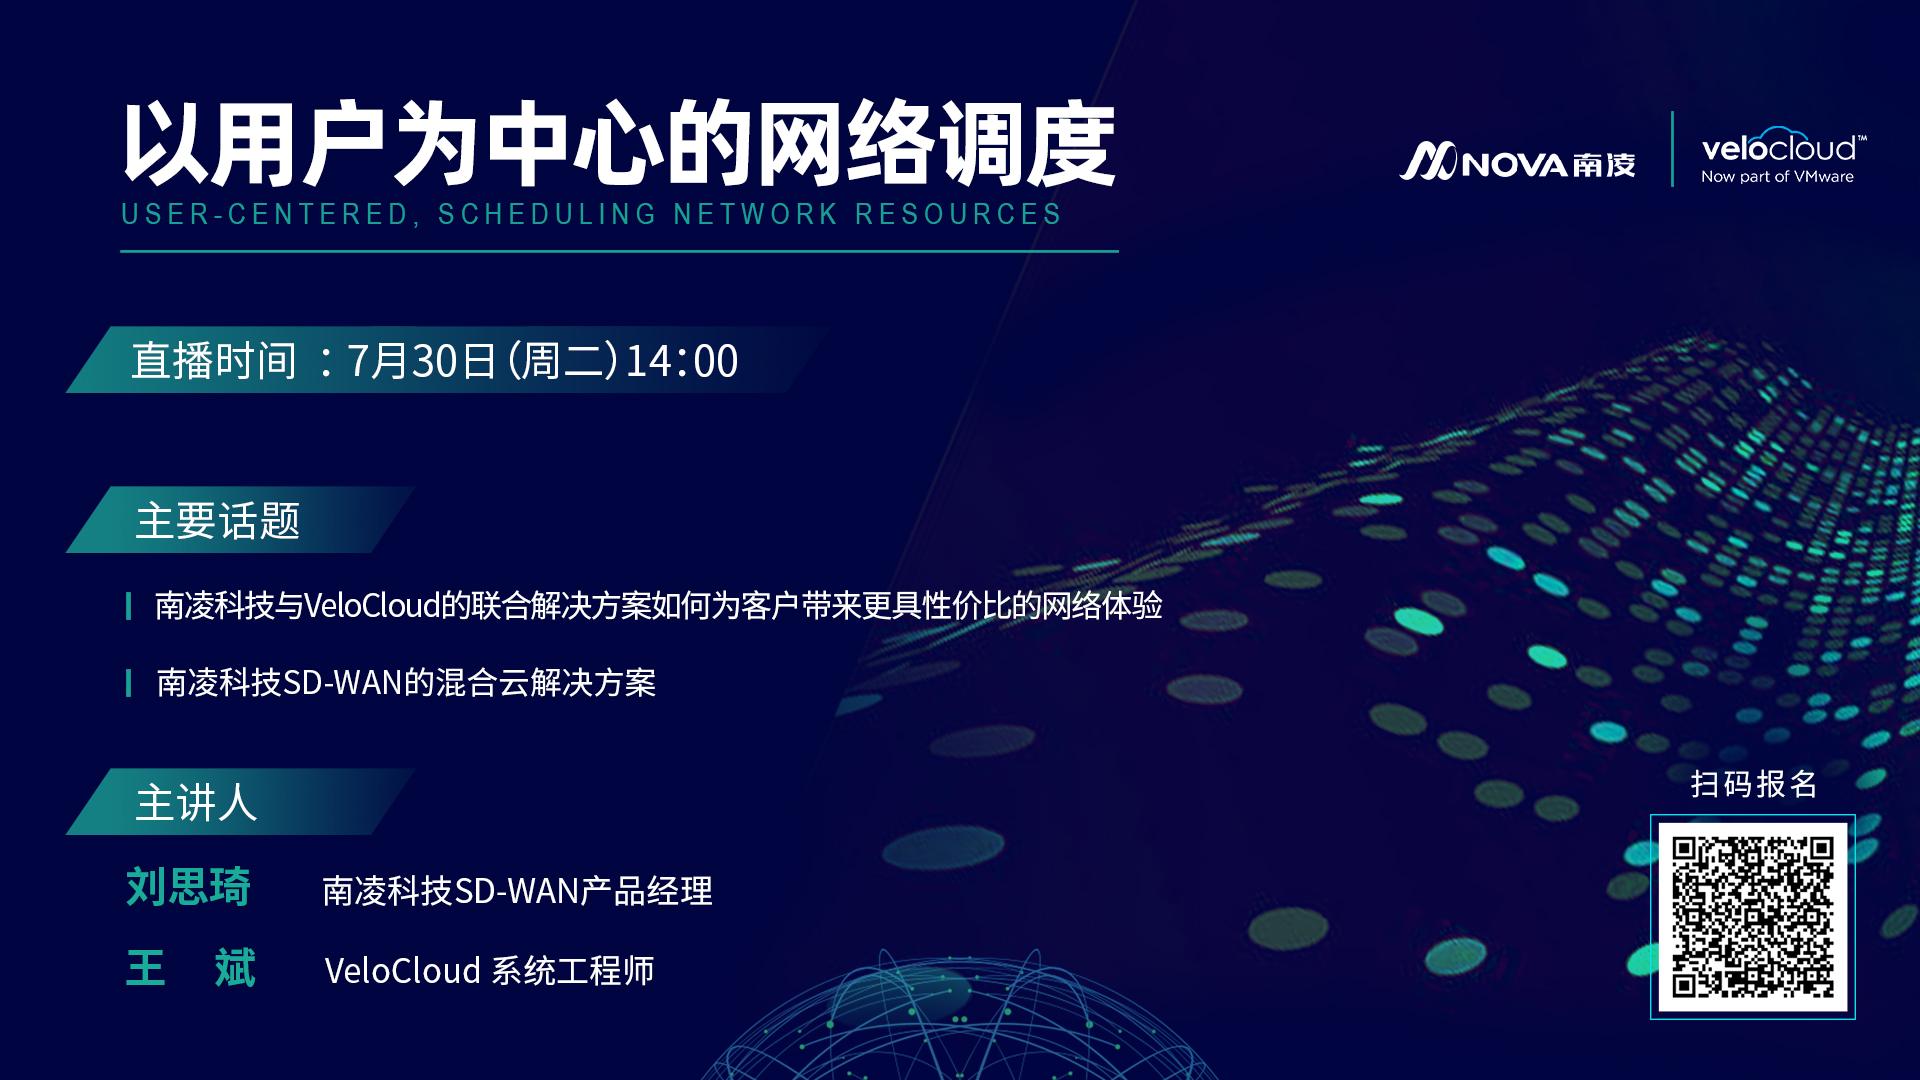 【直播】SD-WAN如何實現以用戶為中心的網絡調度?